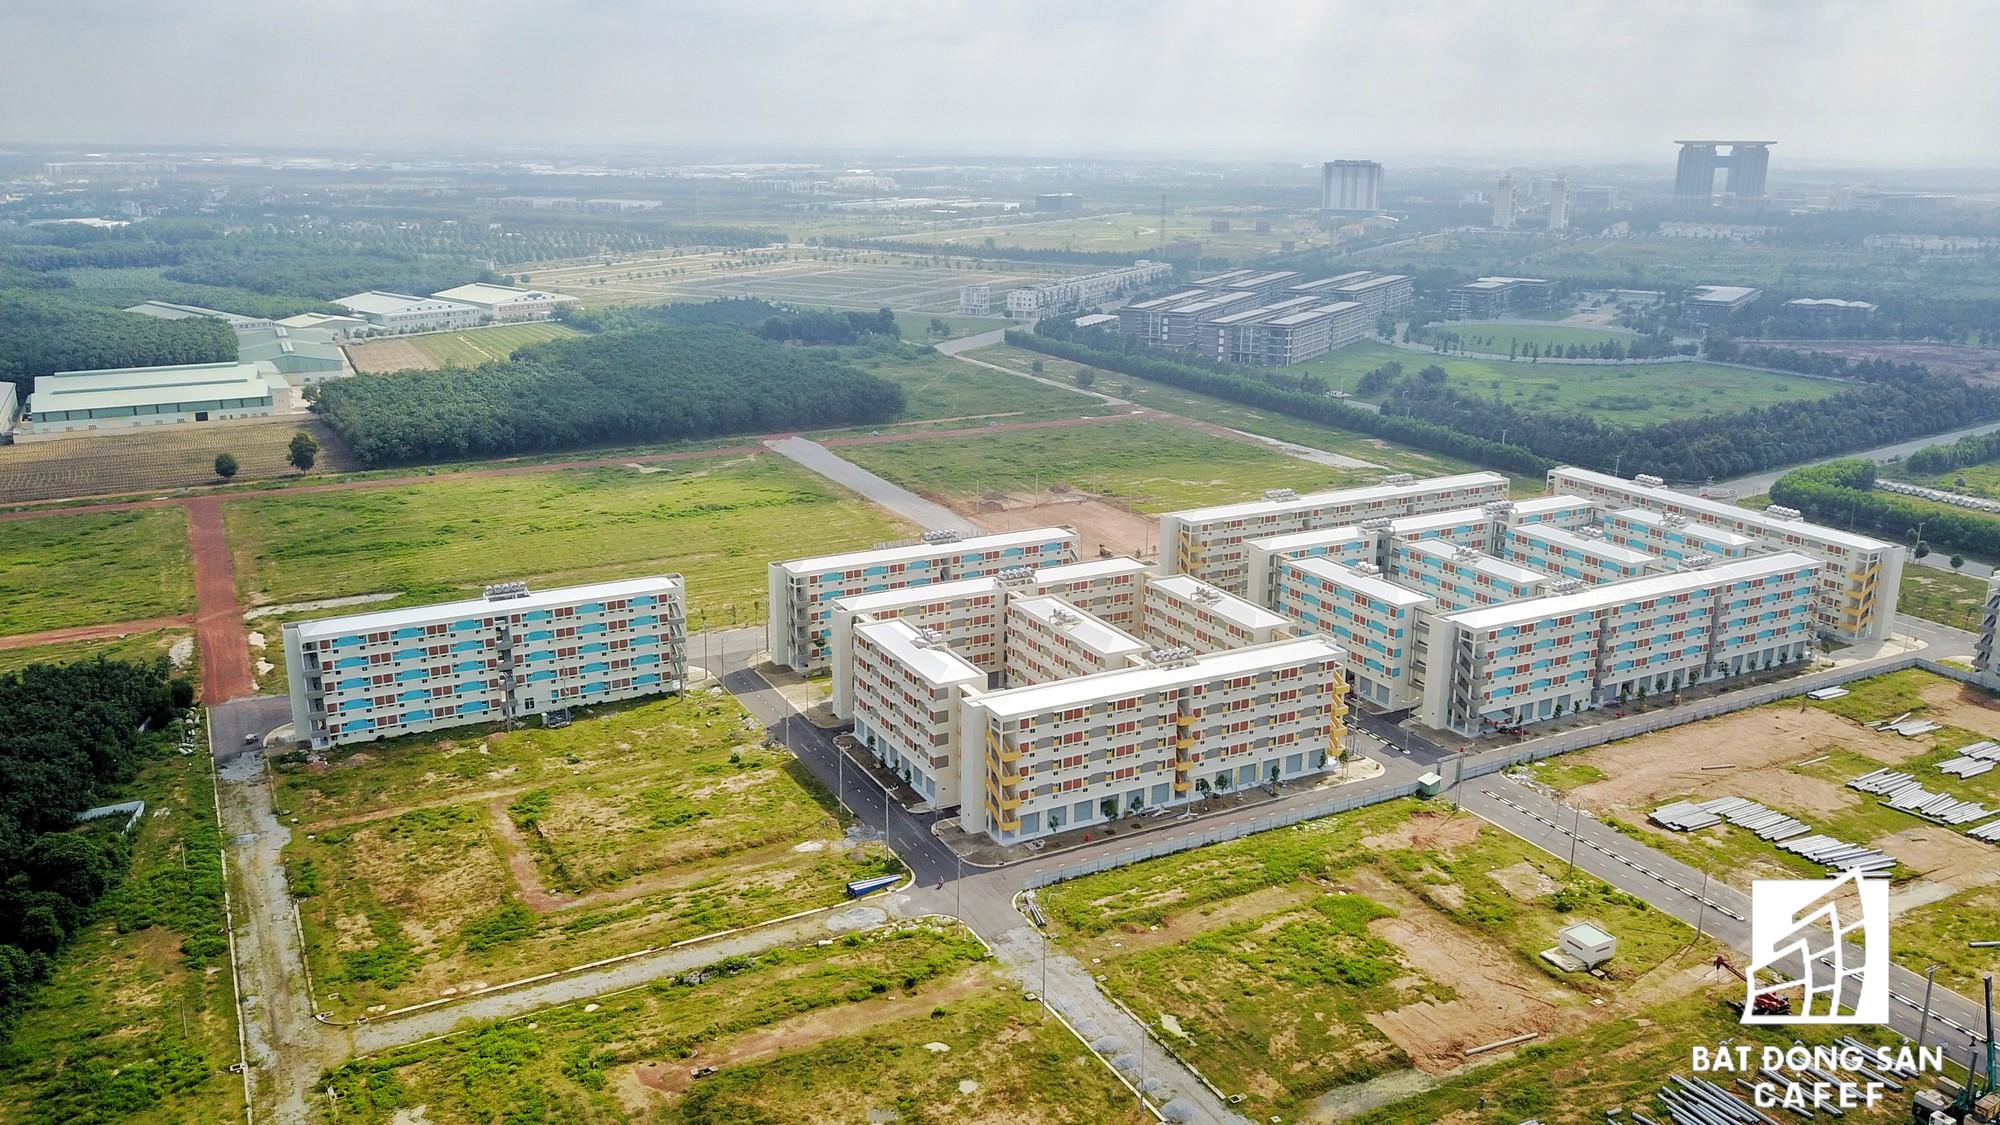 Bên trong thành thị mới Bình Dương, Becamex khá thành công có mô hình thi công nhà ở giá rẻ 100 triệu đồng. Doanh nghiệp này đang đầu tư GĐ 2 có hàng nghìn căn như thế này.